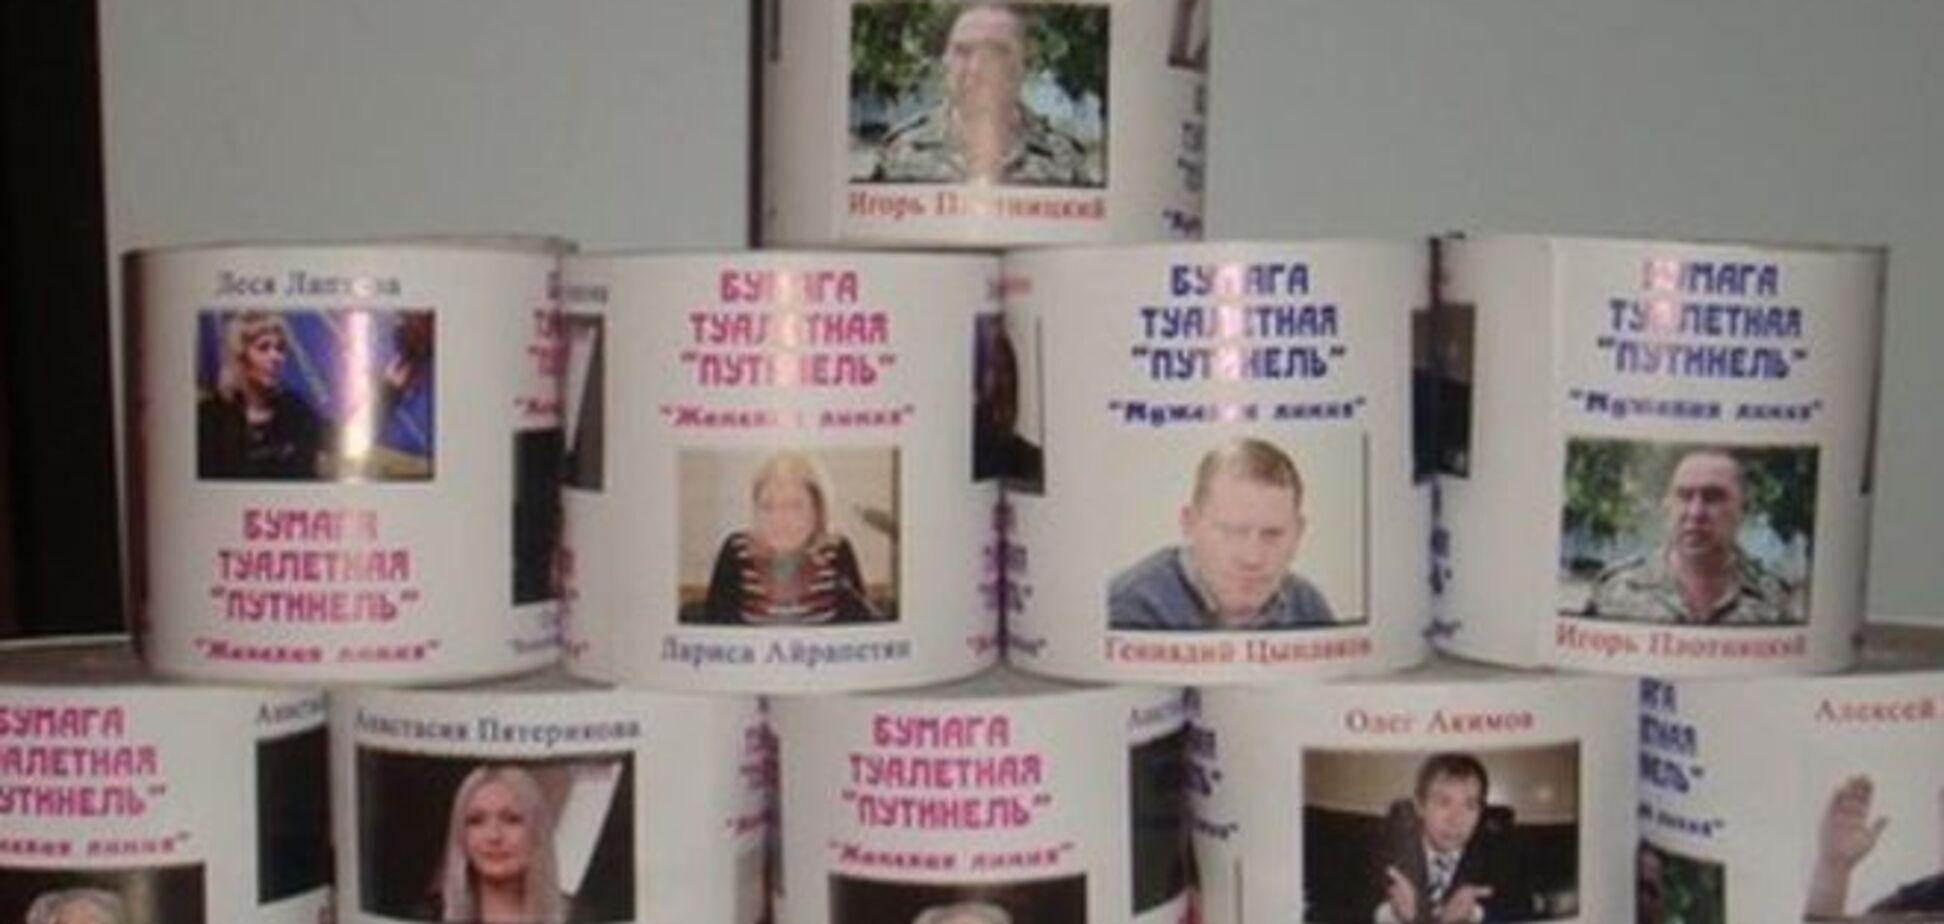 'Путинель': креативные луганчане сделали вату и туалетную бумагу с 'героями ЛНР' - фотофакт